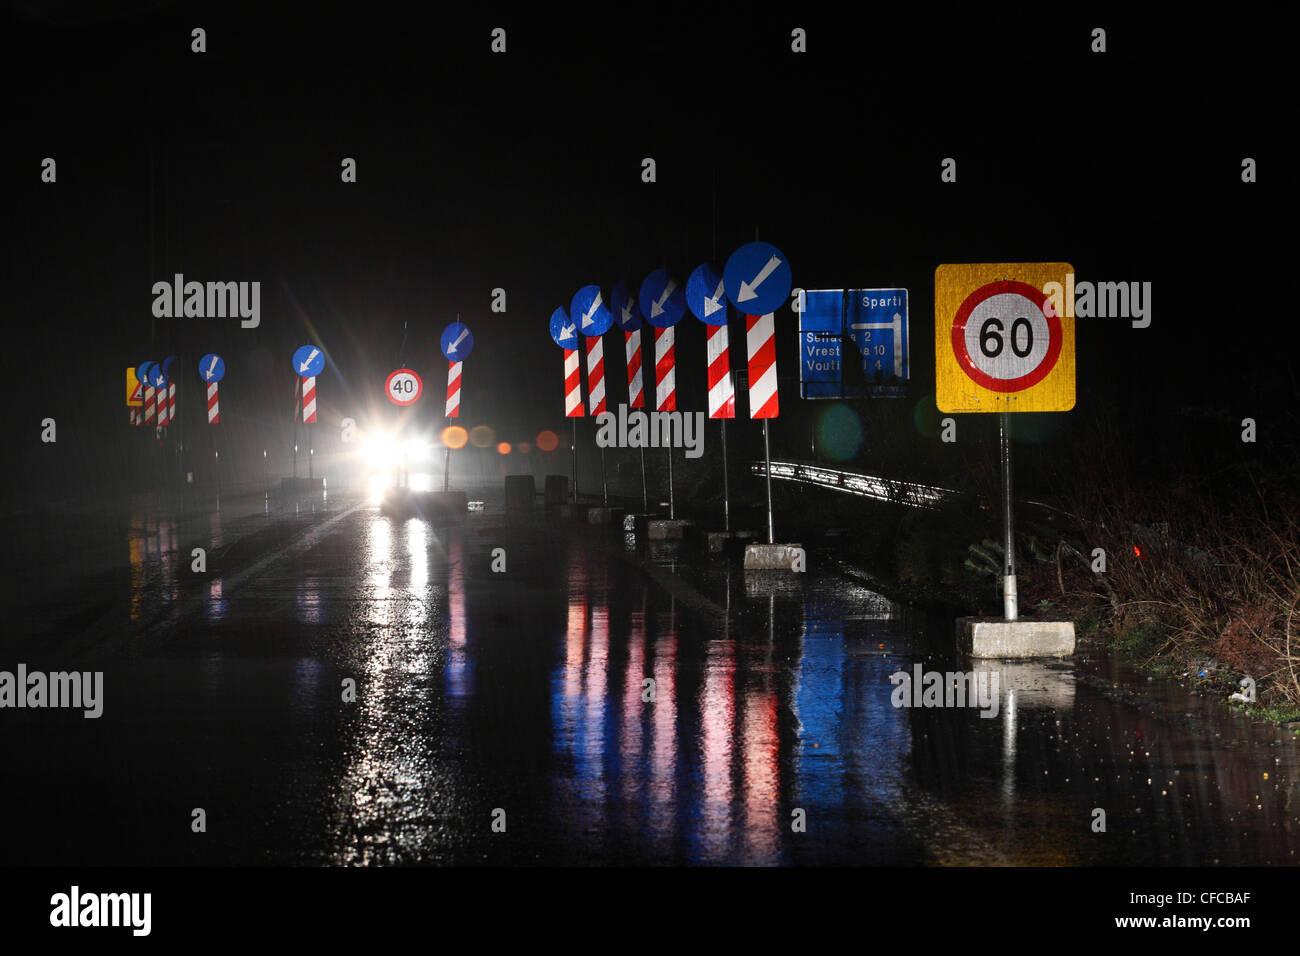 Trafic panneau près de Sparte, Péloponnèse, Grèce Photo Stock